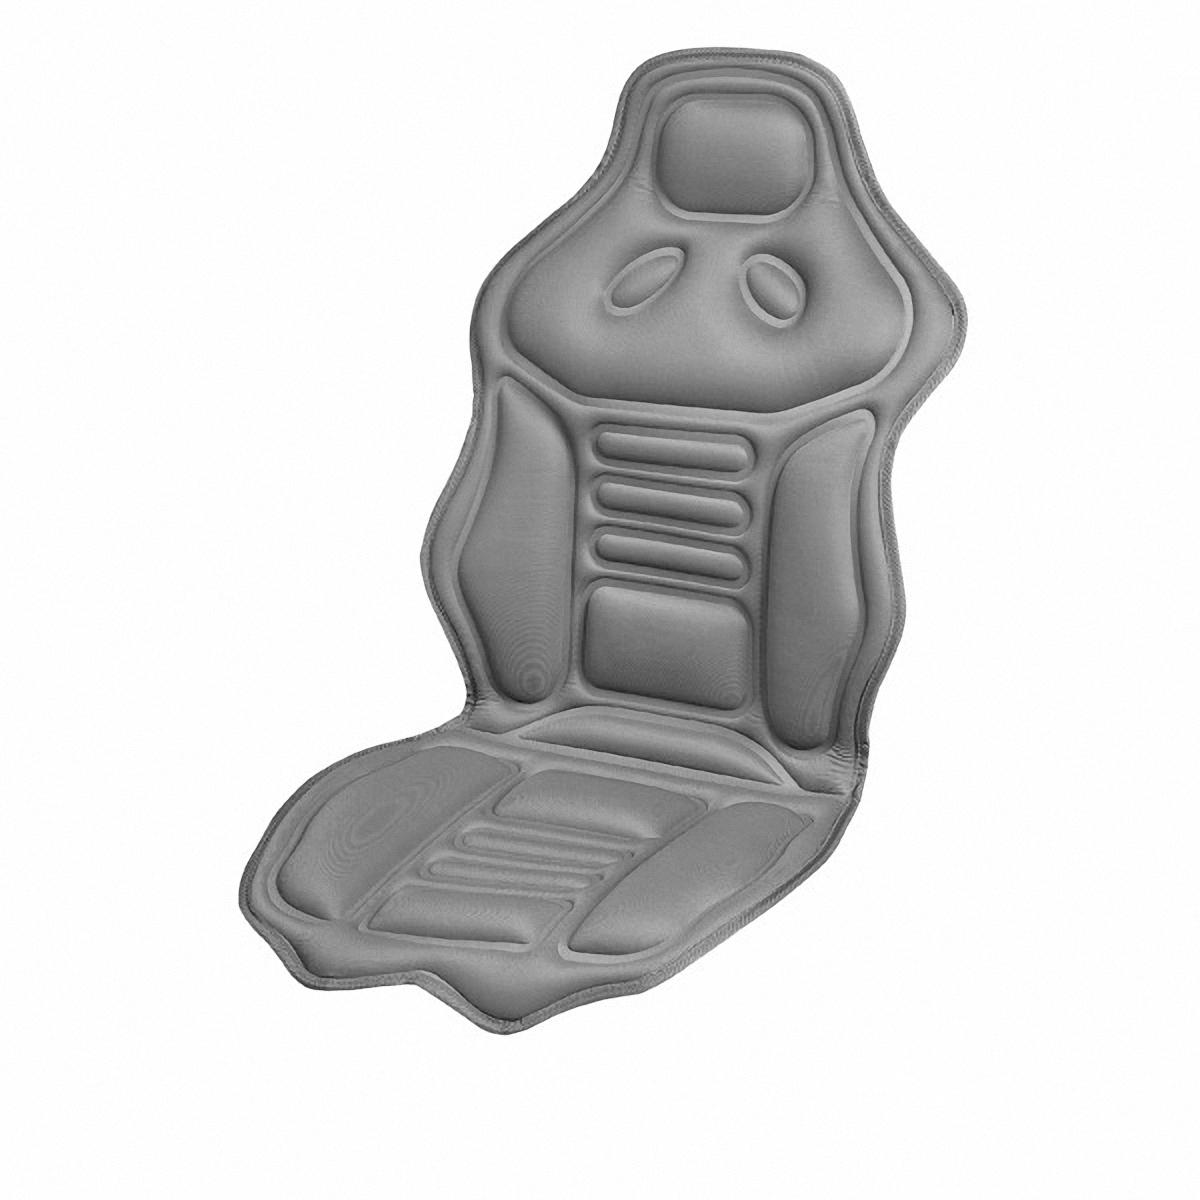 чехол для сиденья с подогревом и терморегулятором skyway s02202005 Чехол автомобильный Skyway, с подогревом, 120 х 51 см